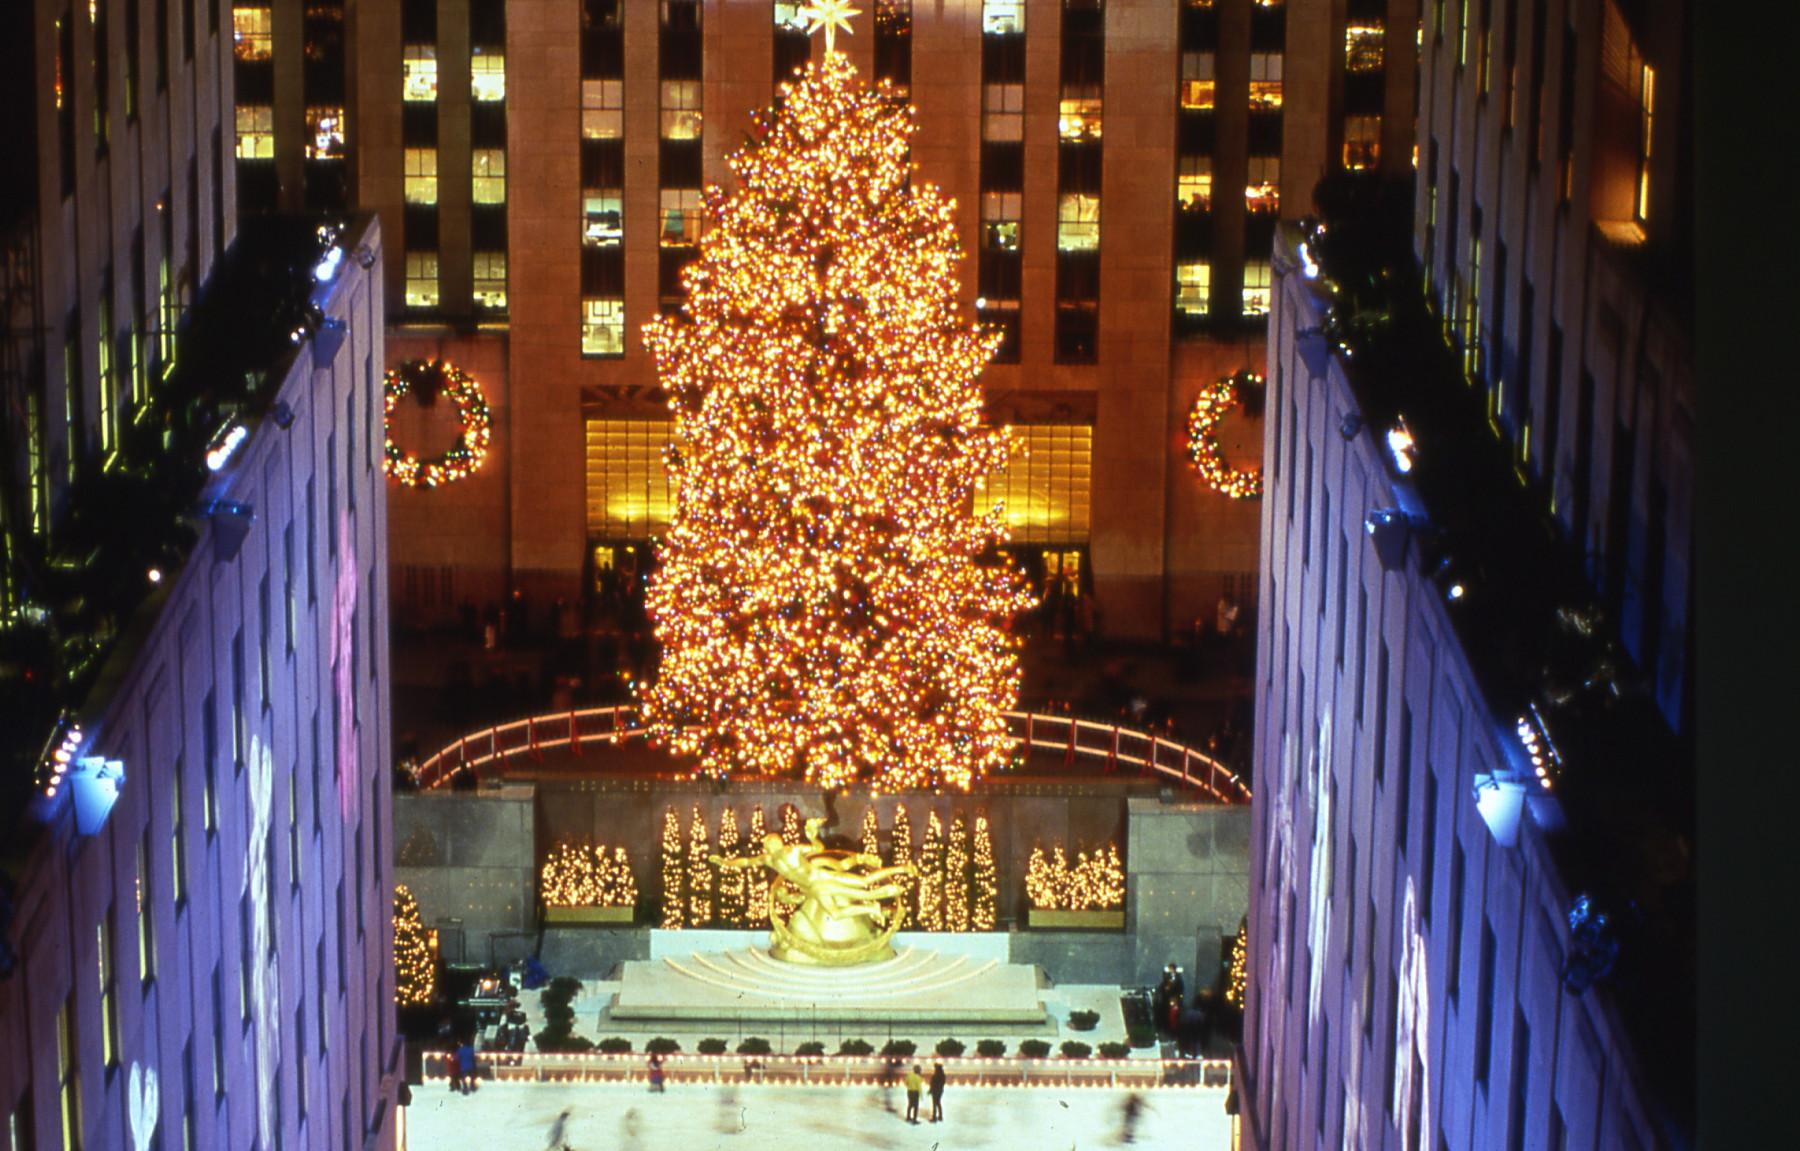 The 1998 Rockefeller Center Christmas Tree